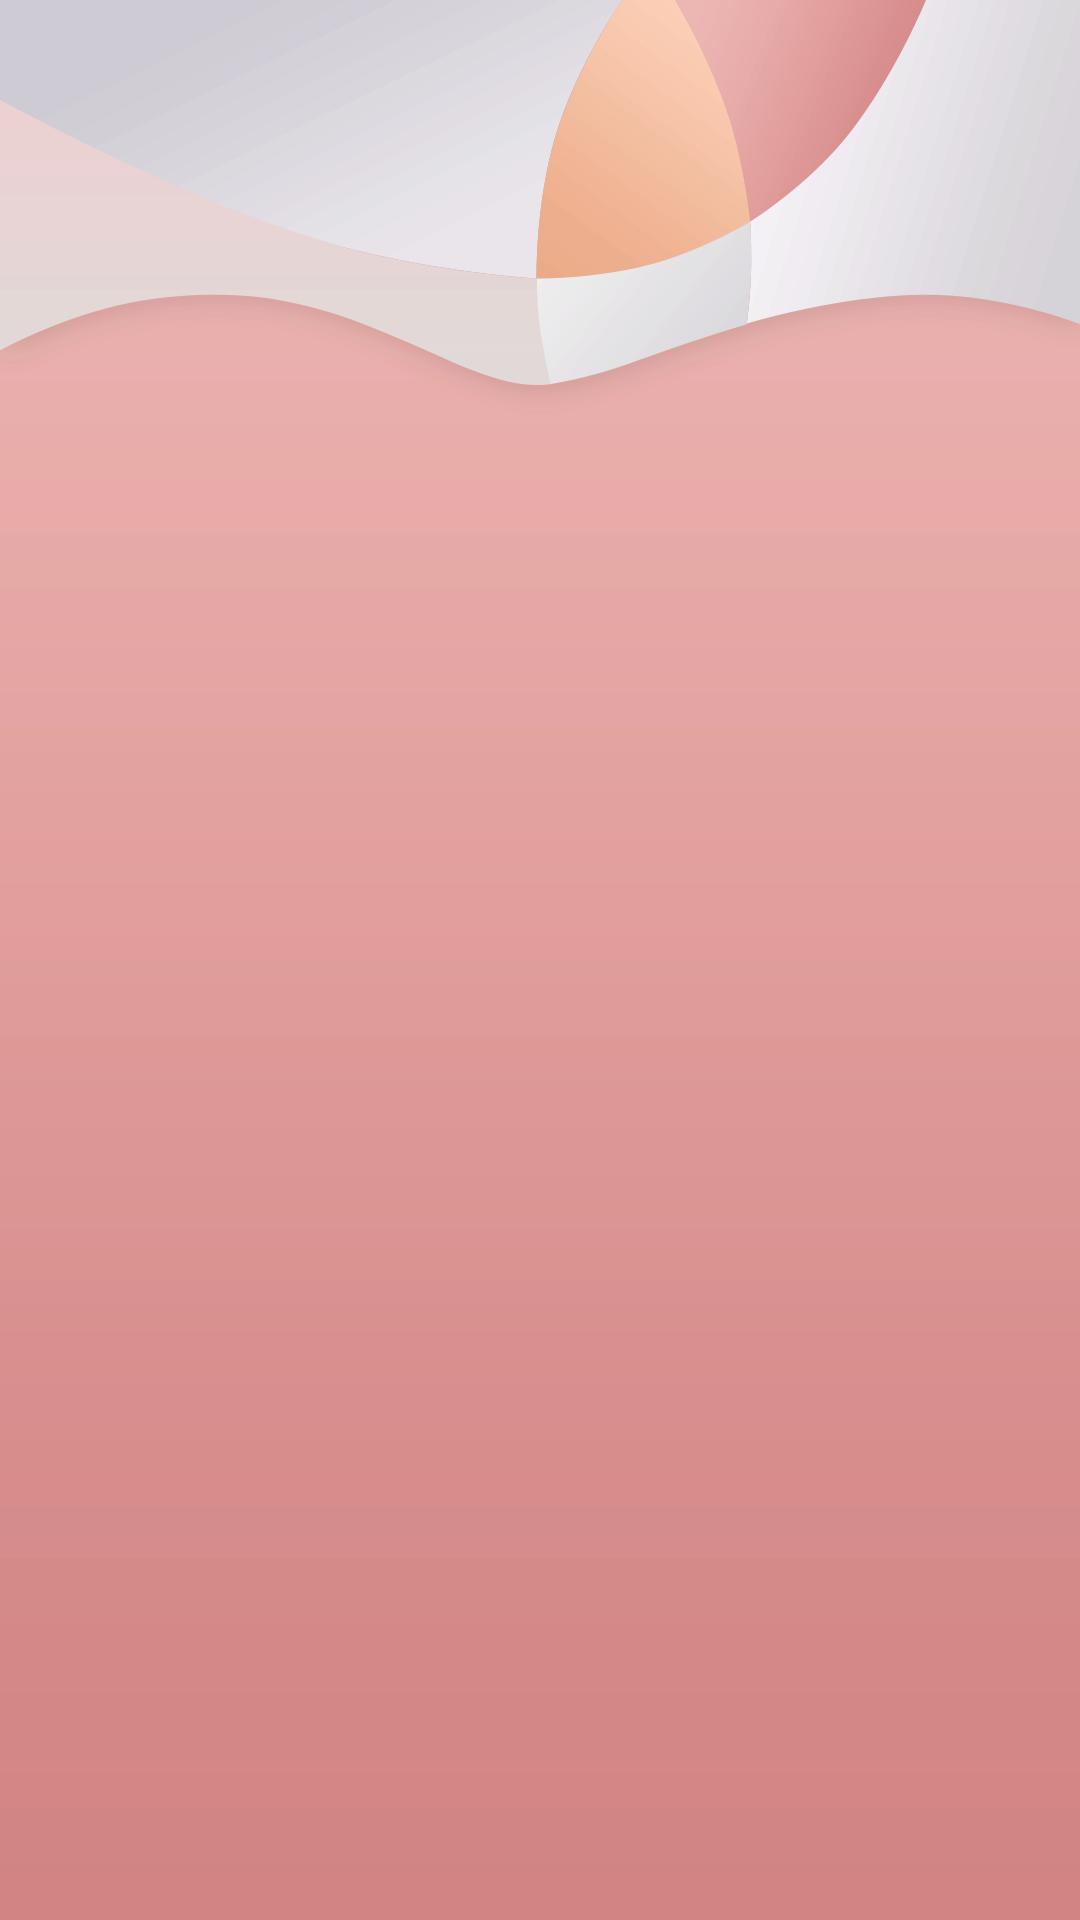 Apple Loop wallpaper iPhone (3)